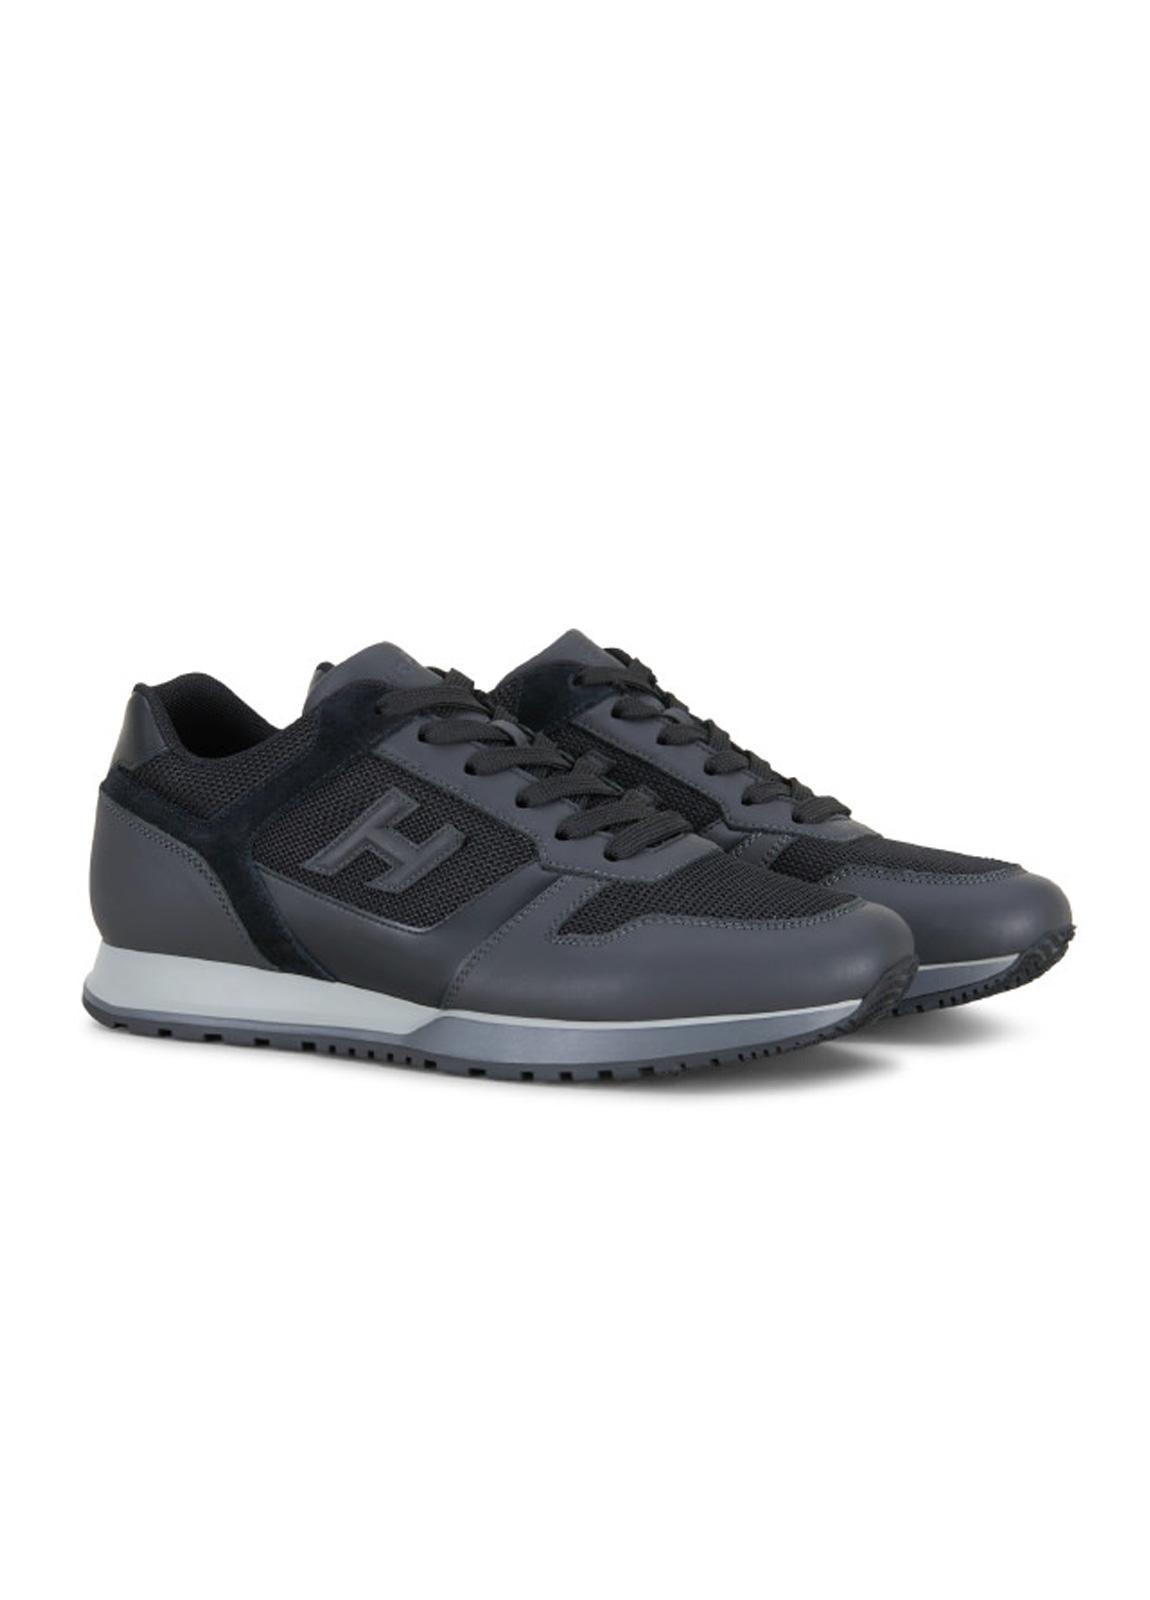 Calzado sport SNEAKER H-321 color negro. Combinación de piel, ante y tejido técnico. - Ítem2